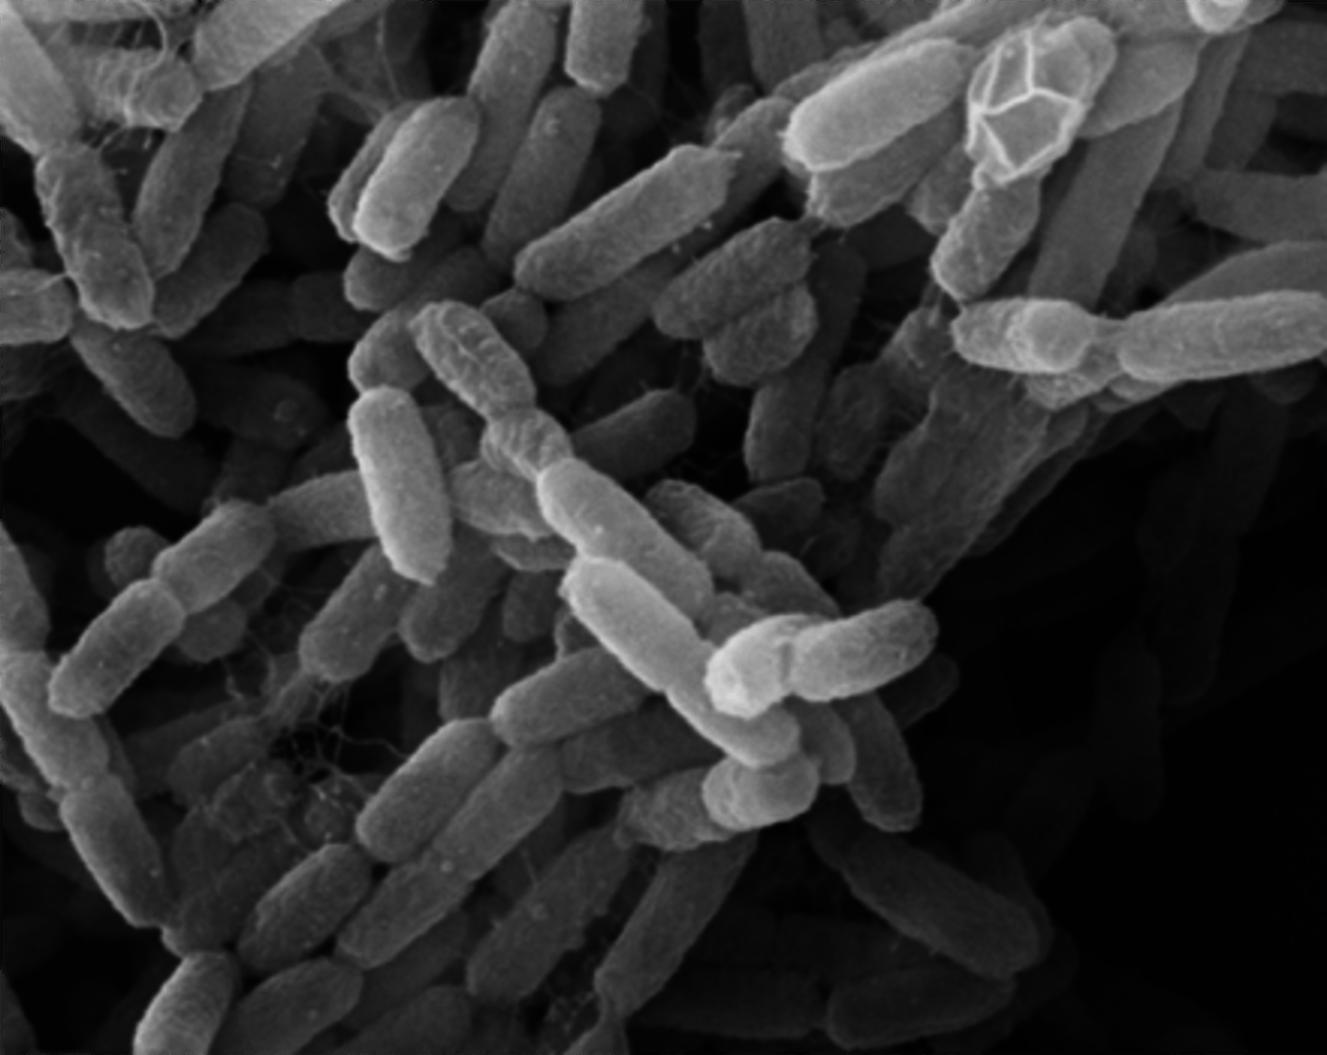 Бактерия <i>Yersinia pestis</i>, возбудитель чумы. Снимок сделан спомощью сканирующего электронного микроскопа.